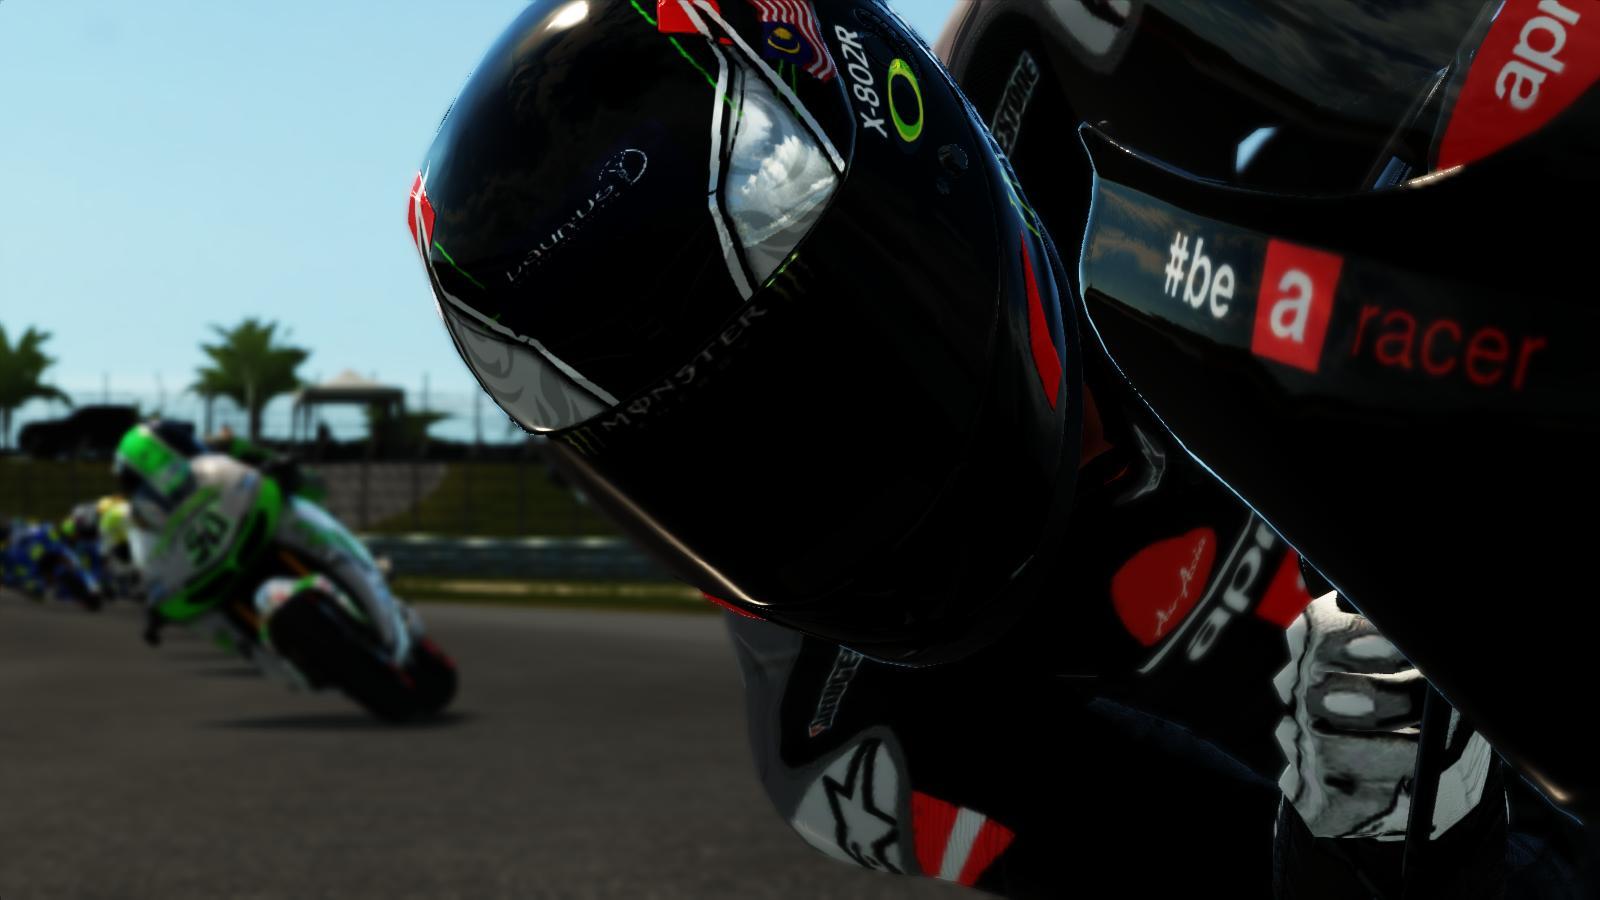 MotoGP14 2014-12-31 15-06-47-24.jpg